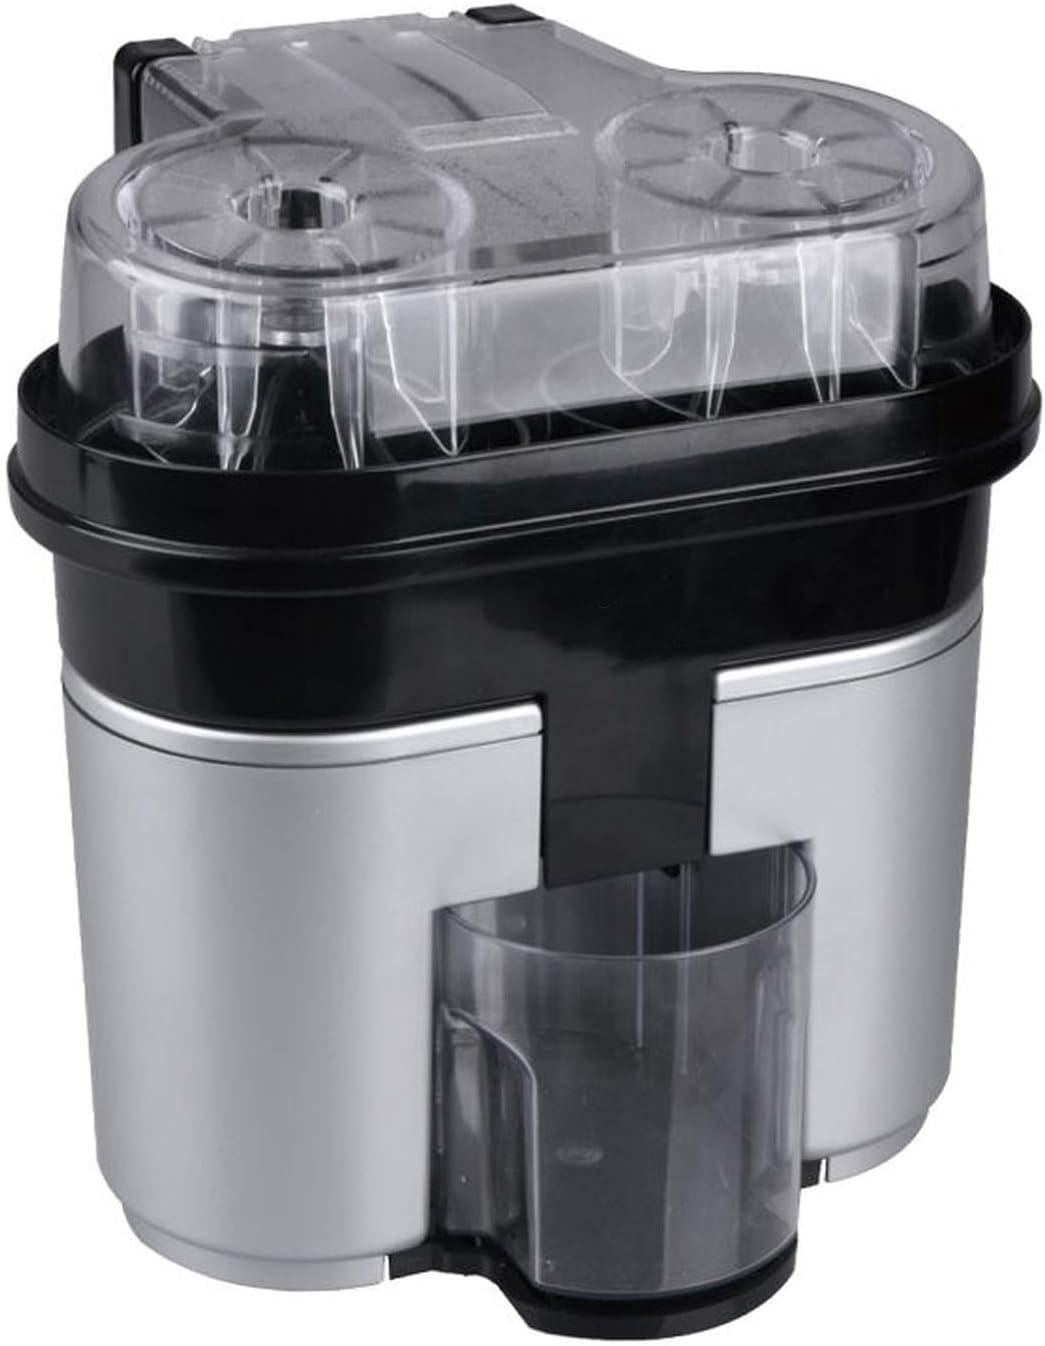 Krystal_wisdom Double Juicer Lemon Juicer Is Fast And Convenient Squeeze Oranger Juicer Household DIY Juice Maker,Silver,UK,220-240V